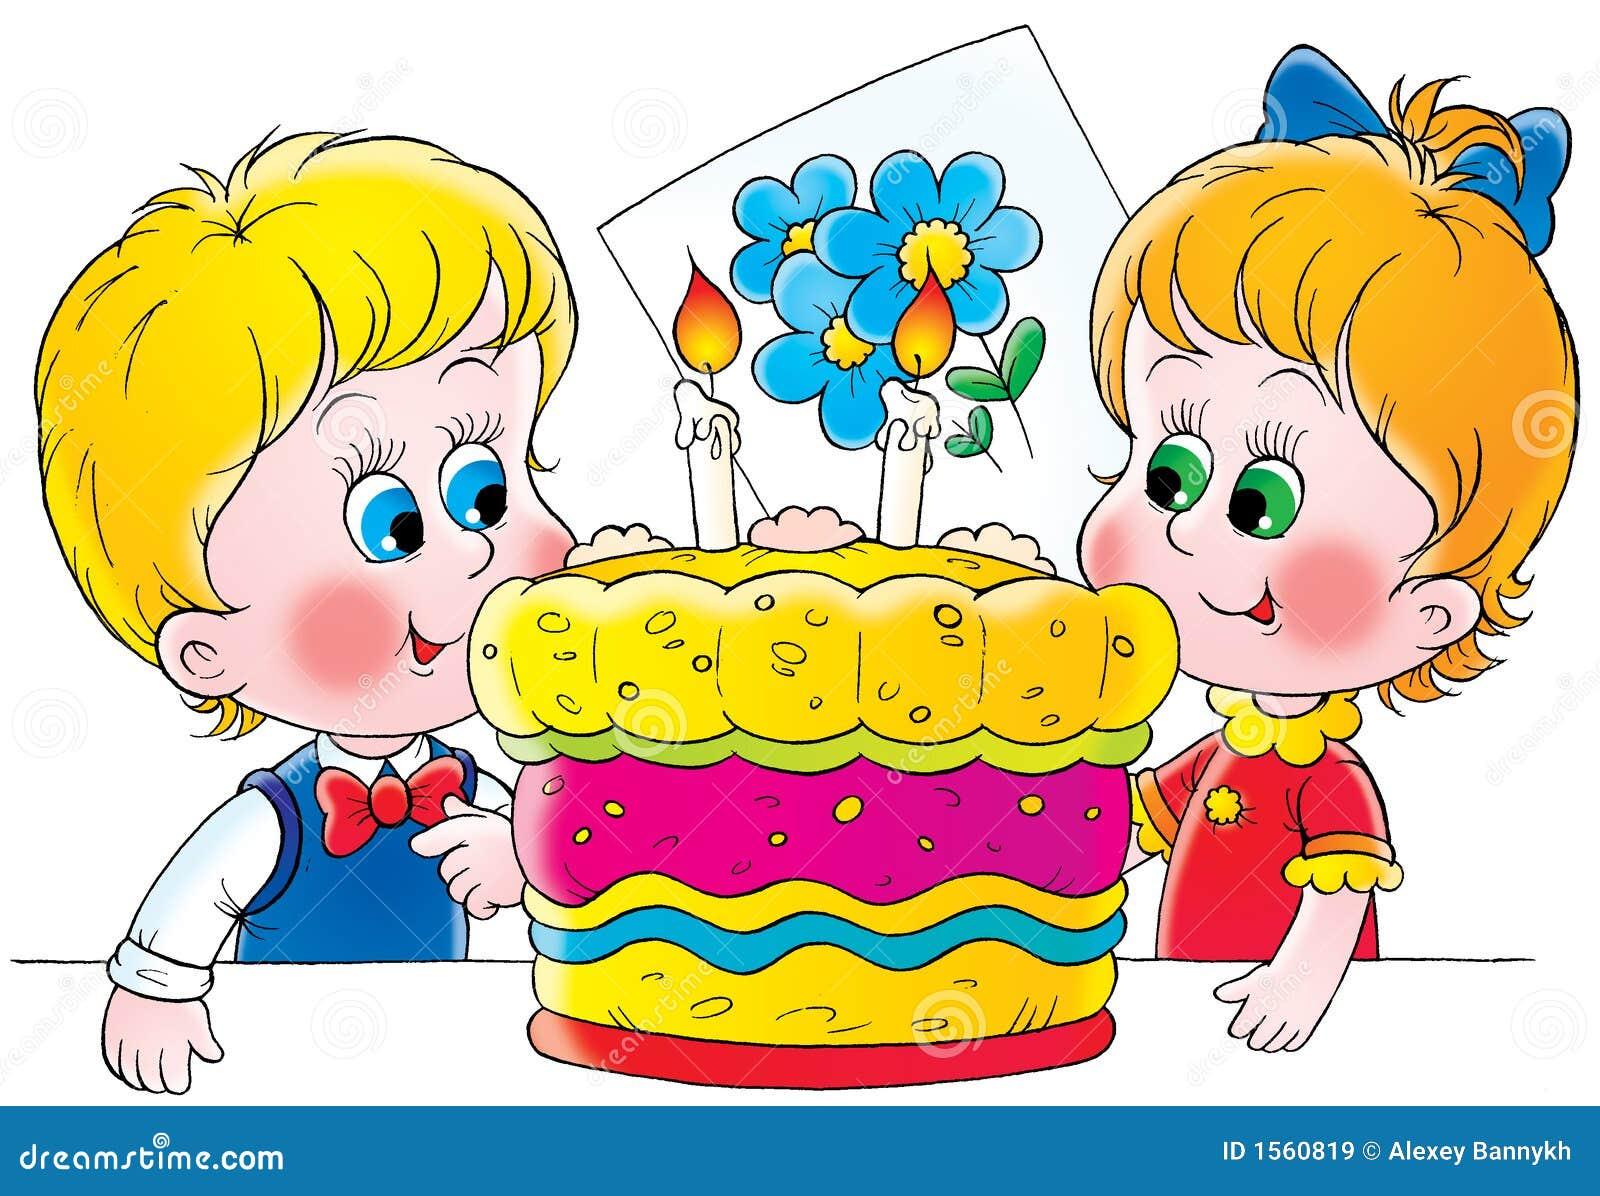 Сестре, открытка 2 года двойняшкам